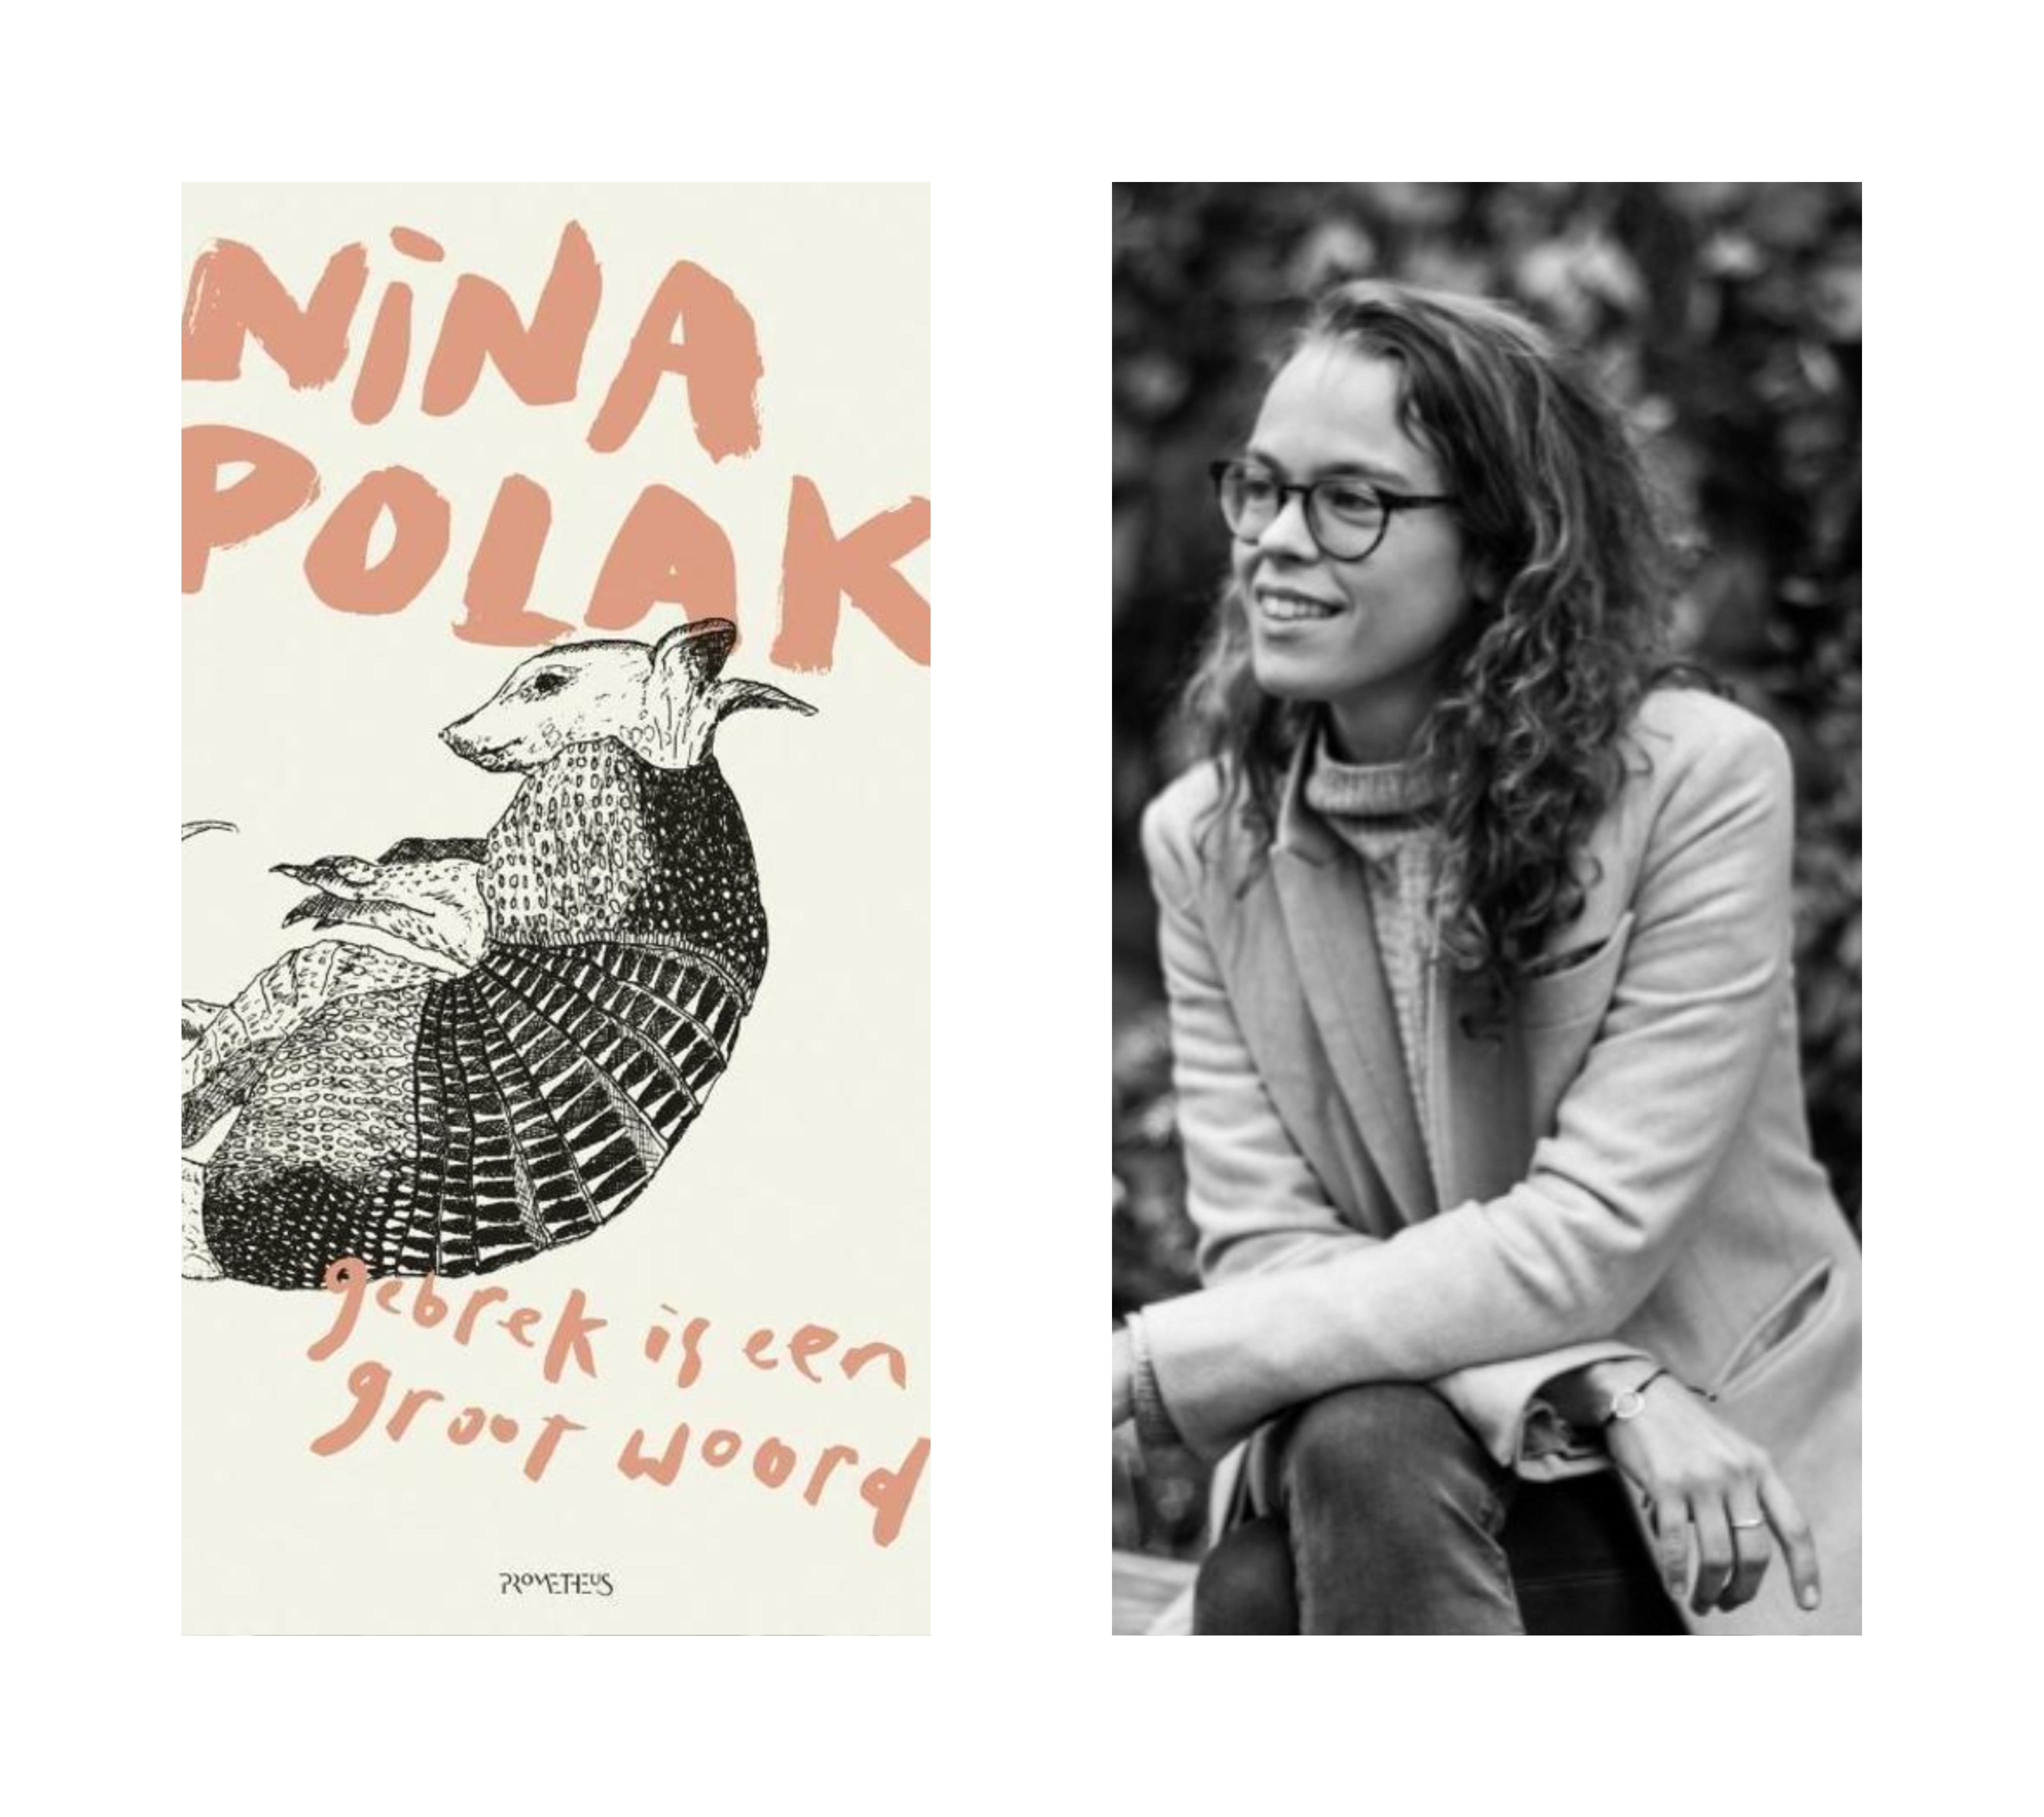 Goed Gesprek met Nina Polak over 'Gebrek is een groot woord'